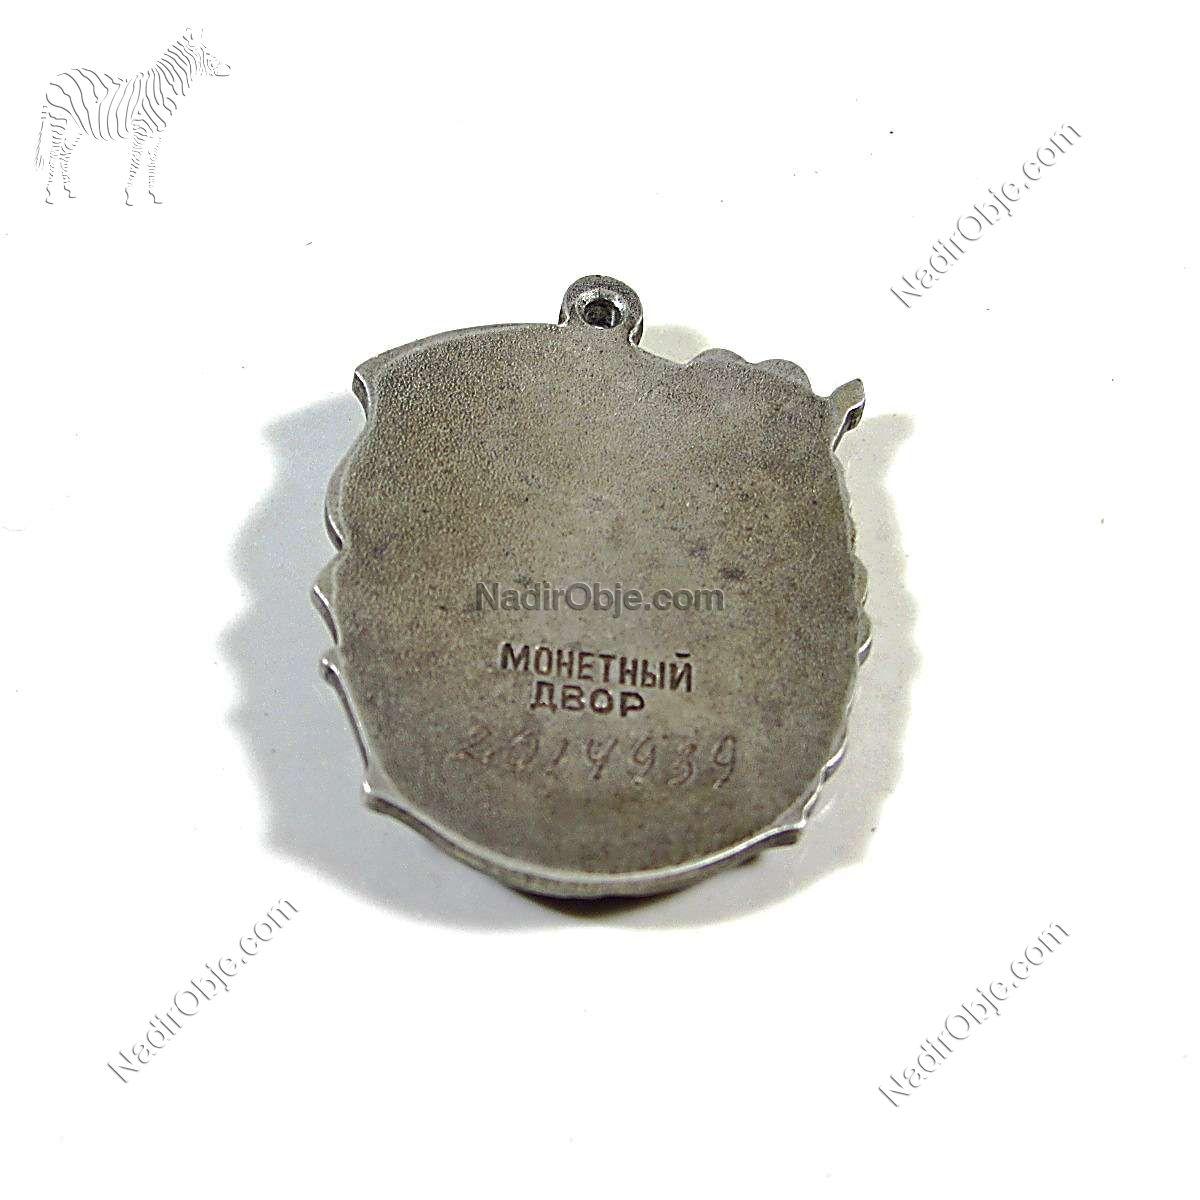 Sovyetler Dönemi Annelik Şanı Madalyası Üçüncü Derece Diğer Objeler CCCP